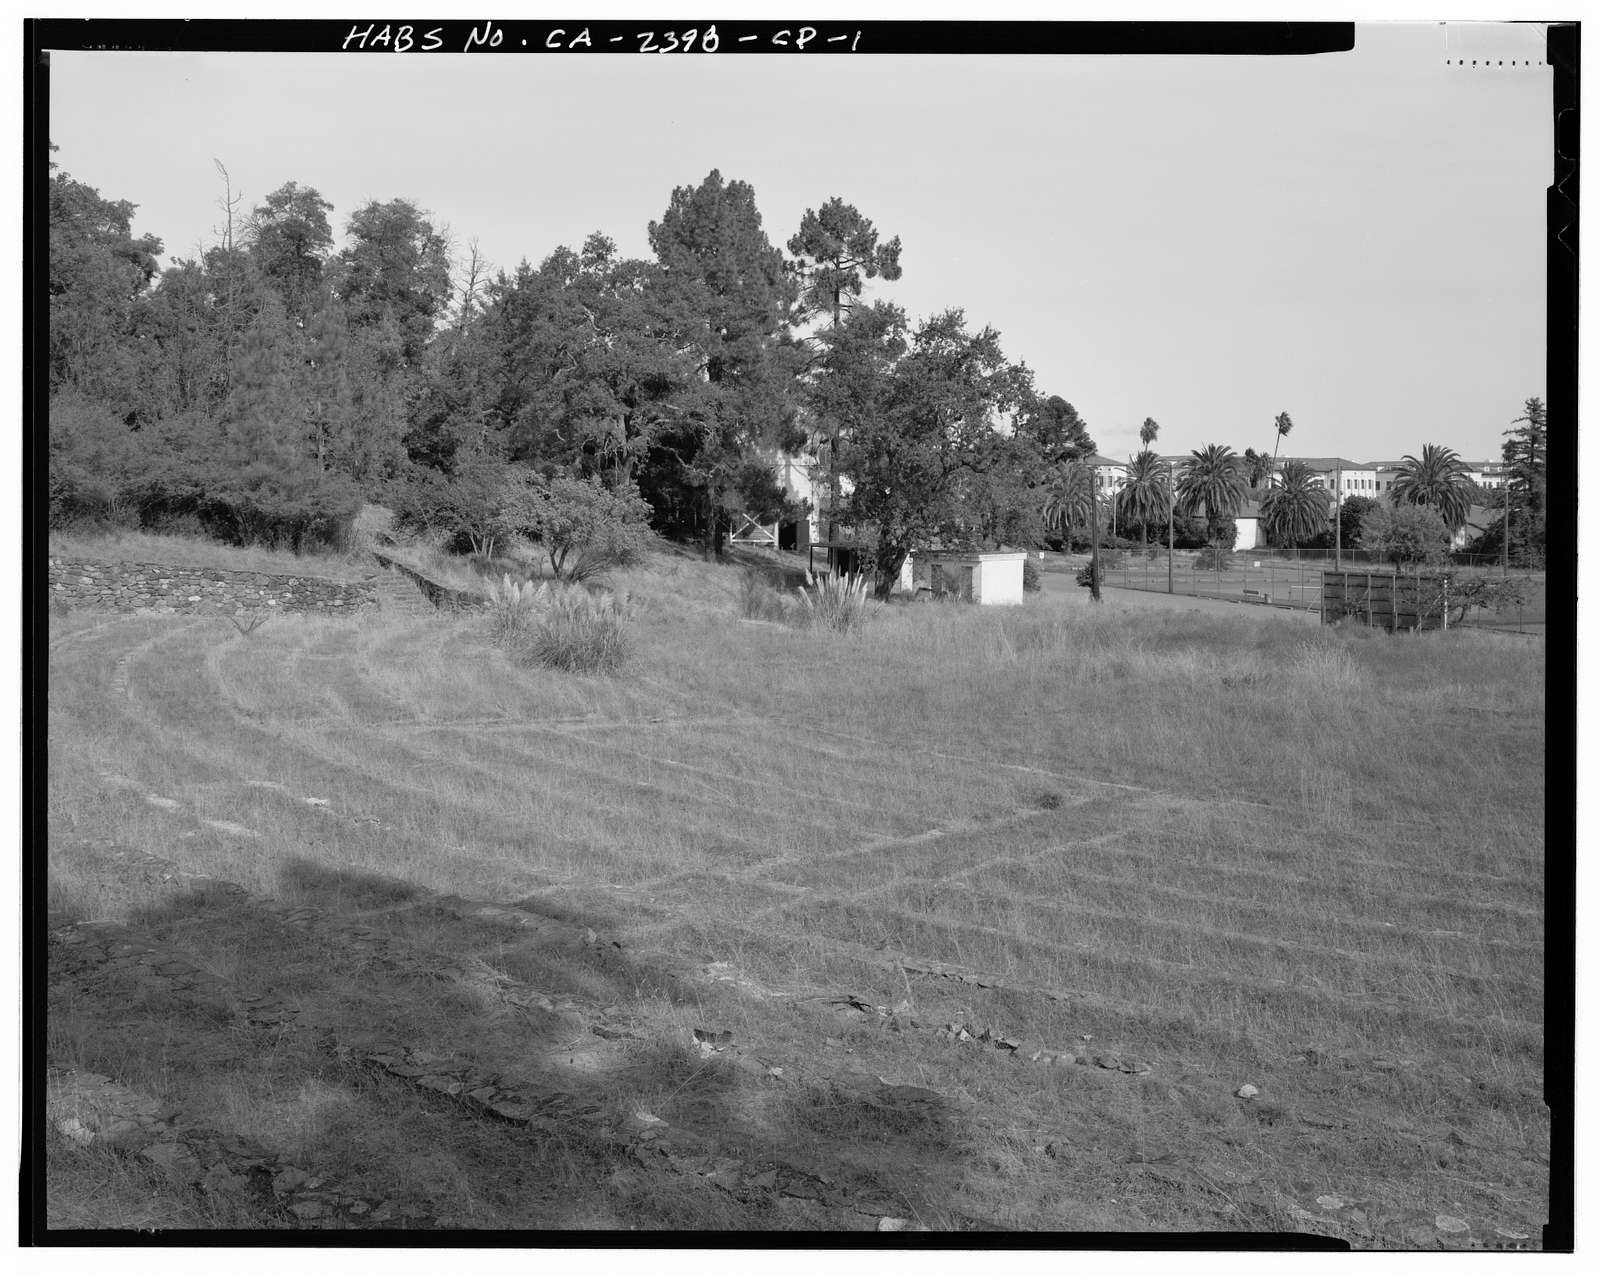 Hamilton Field, Amphitheater, North Oakland Drive near East Hospital Drive, Novato, Marin County, CA